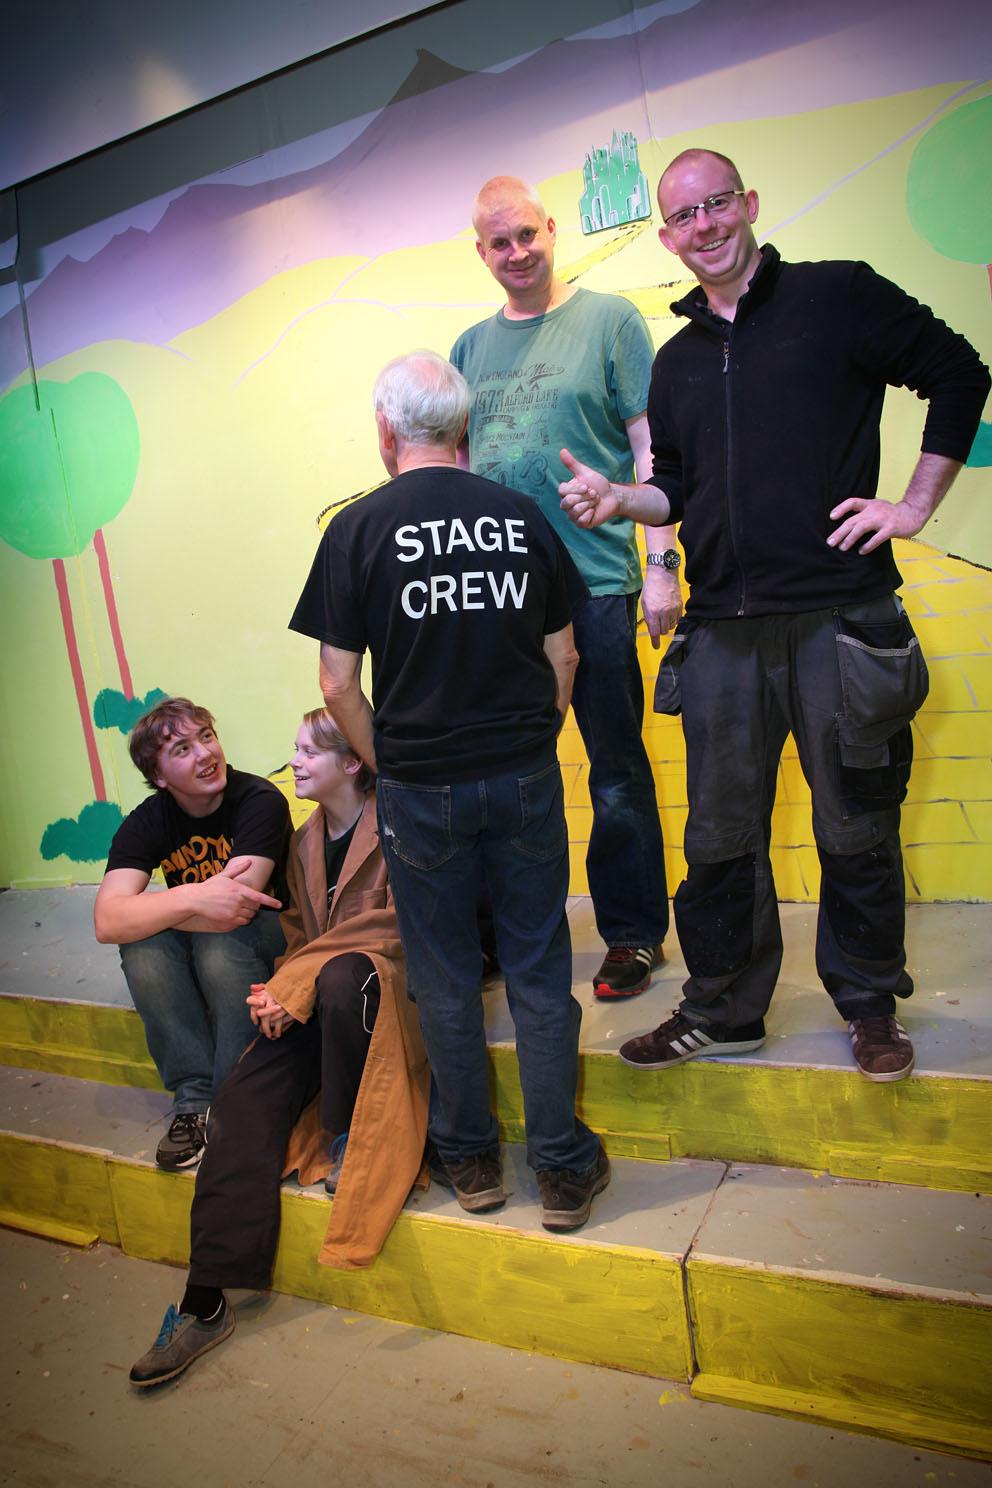 05.Stage_crew